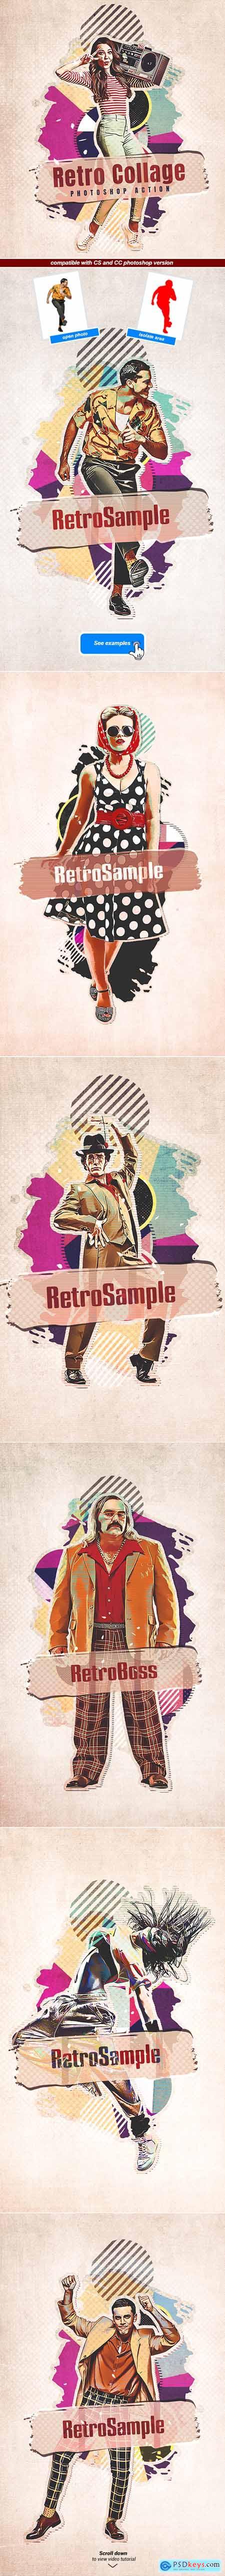 Retro Collage - Photoshop Action 29506190